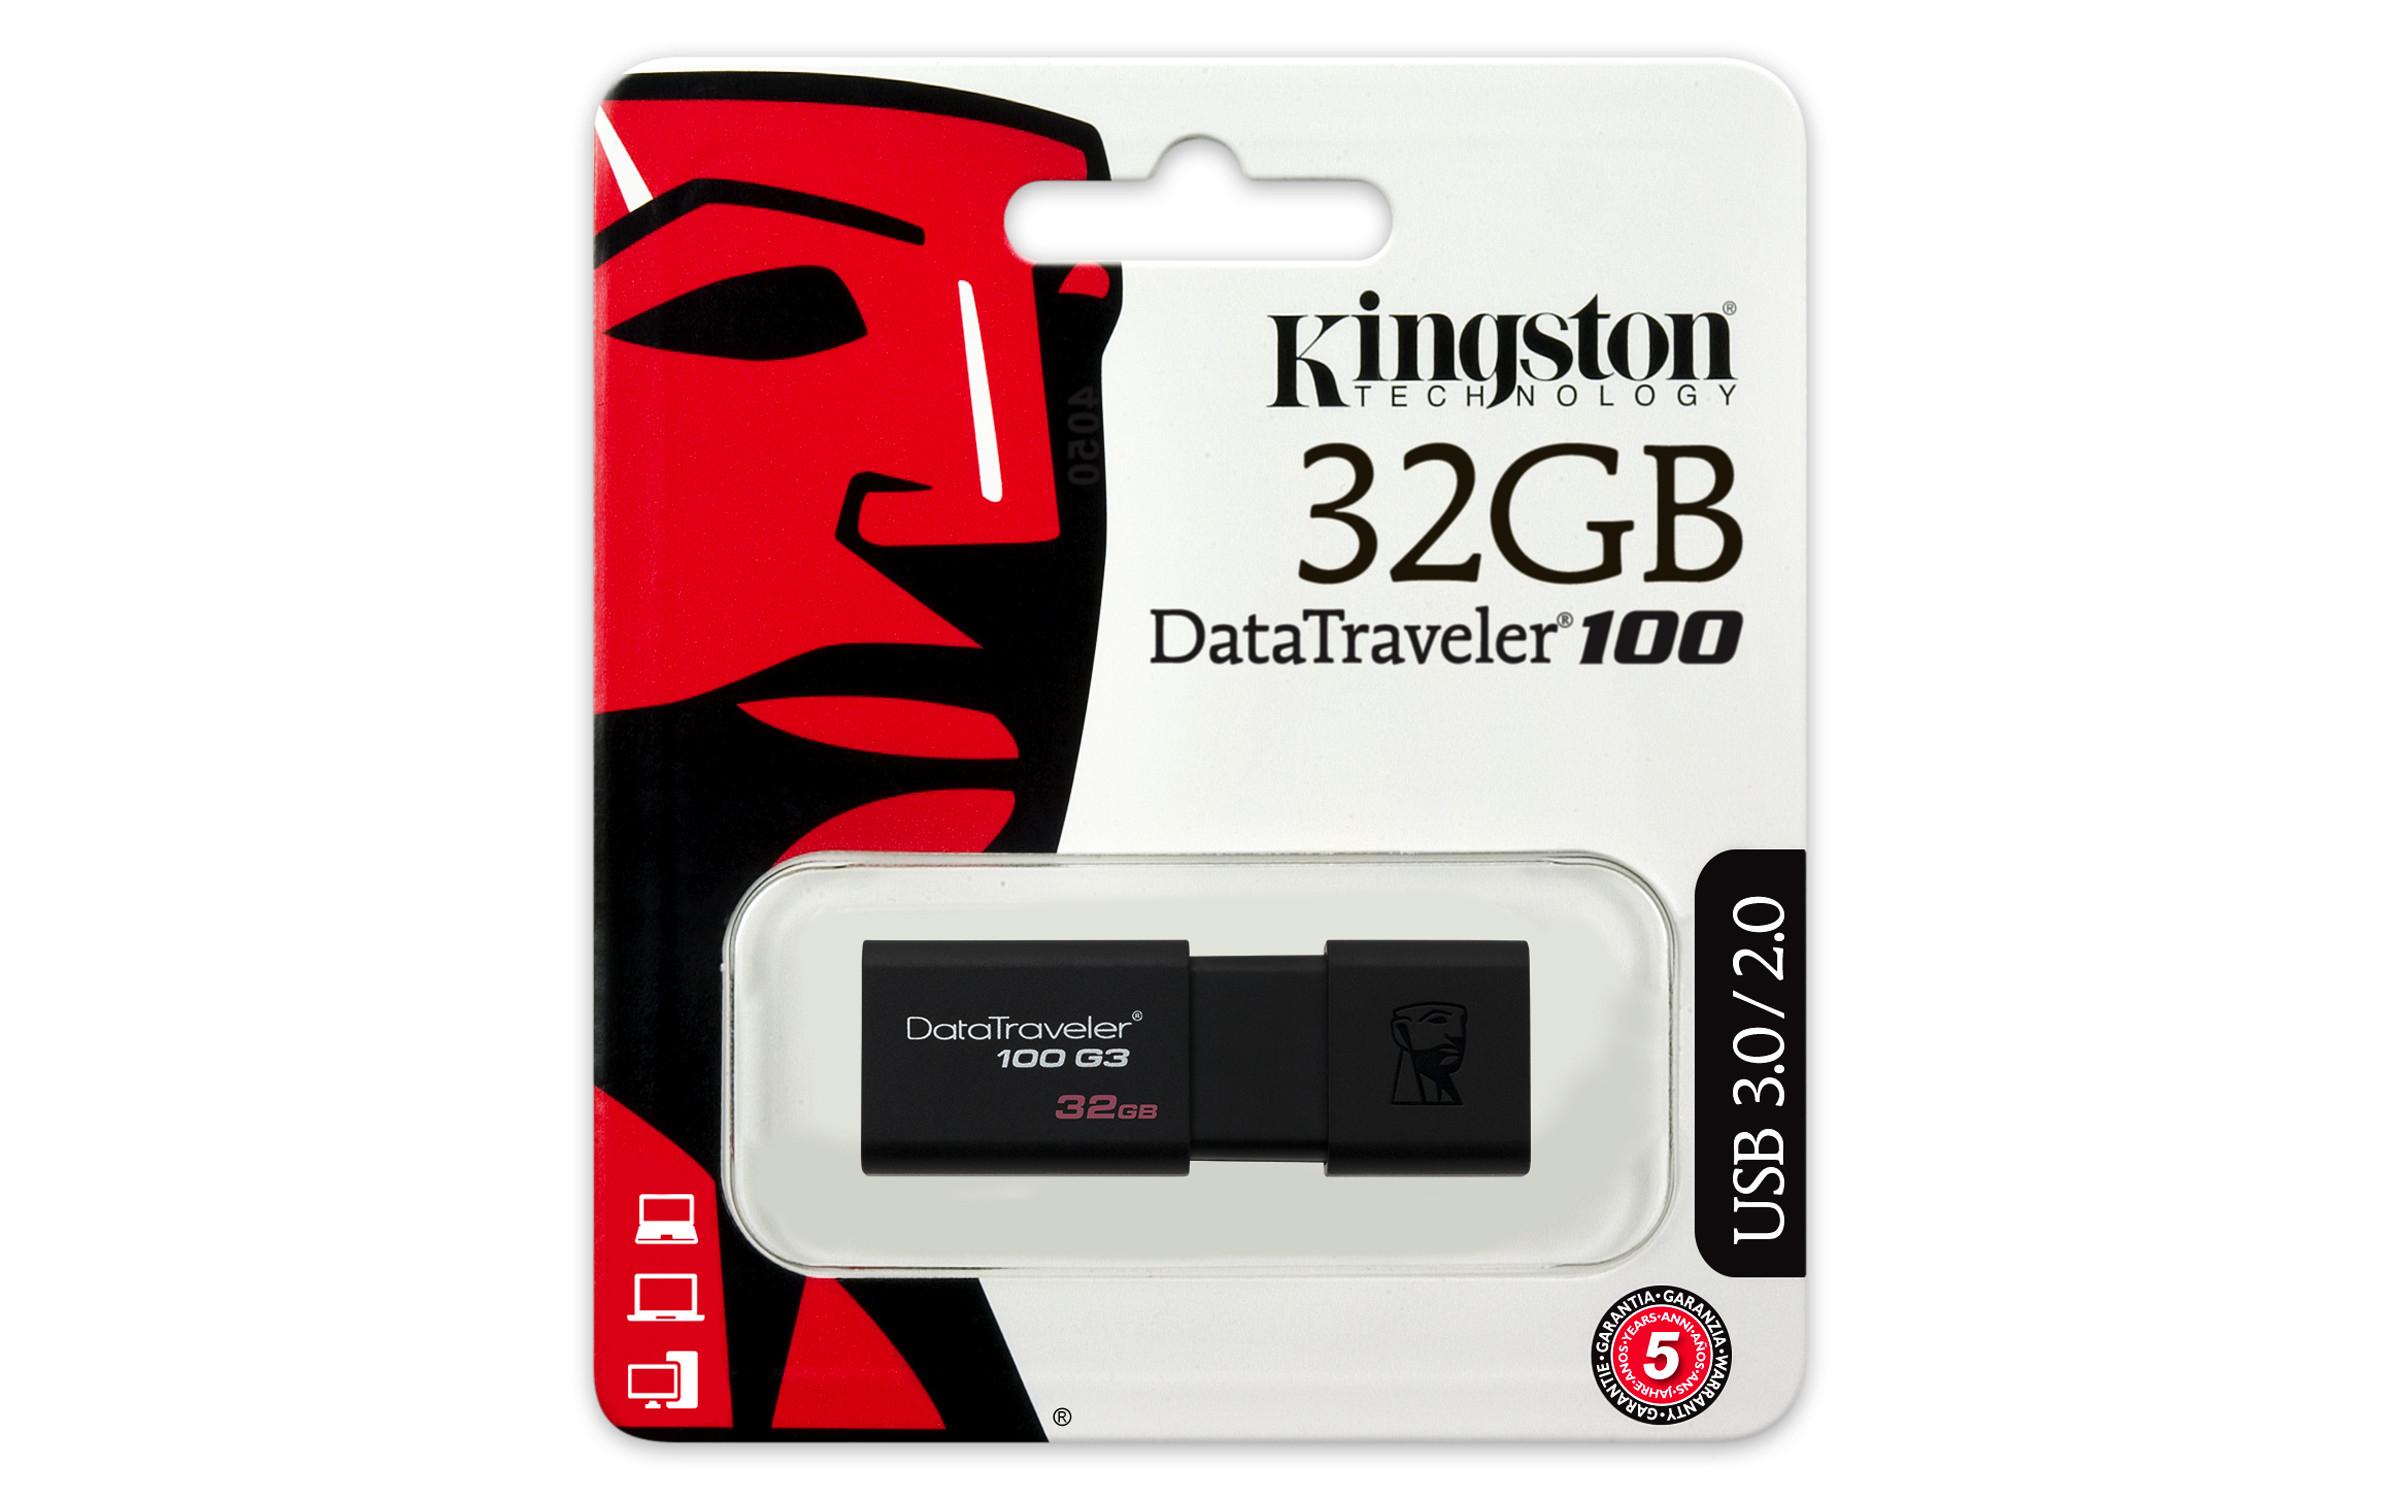 DT100G3/32GB DataTraveler 100 G3 32 GB (USB 3.0)